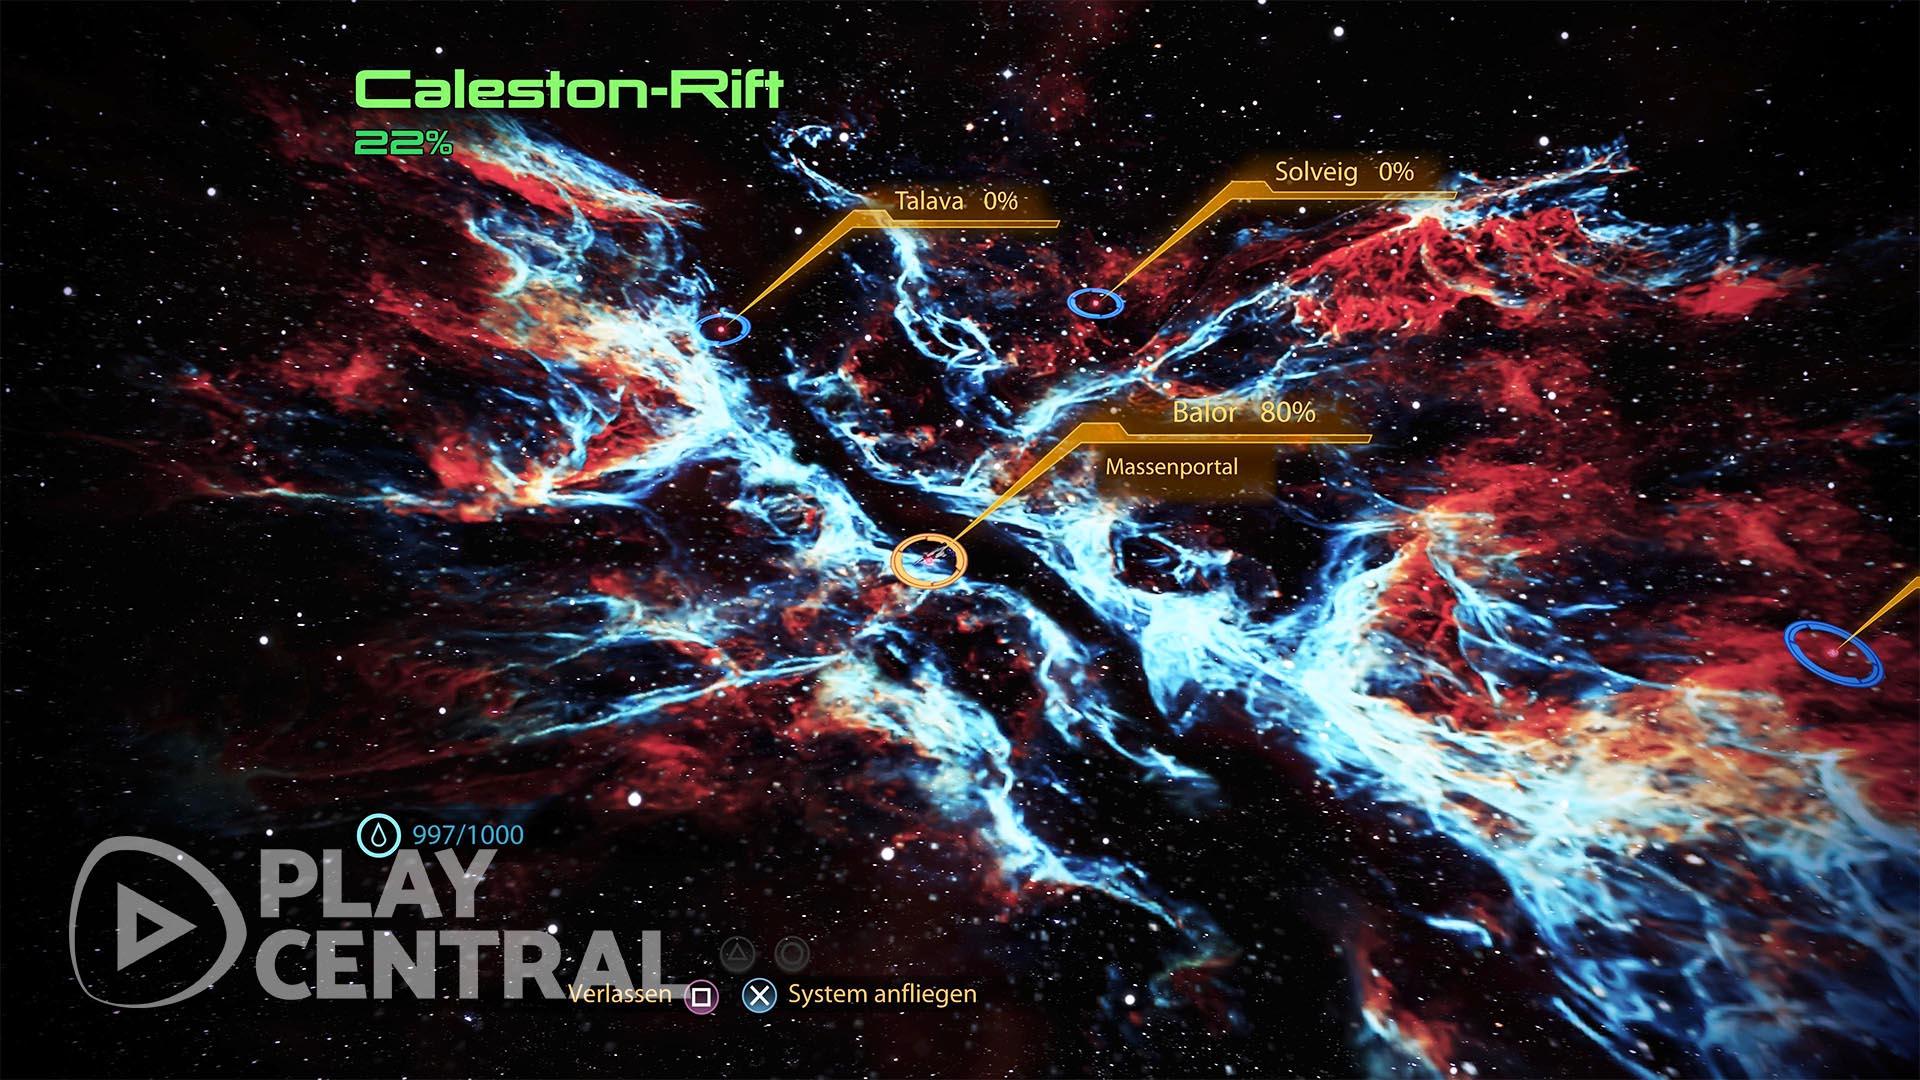 Mass Effect 2 - Element Zero finden - Caleston-Rift 1